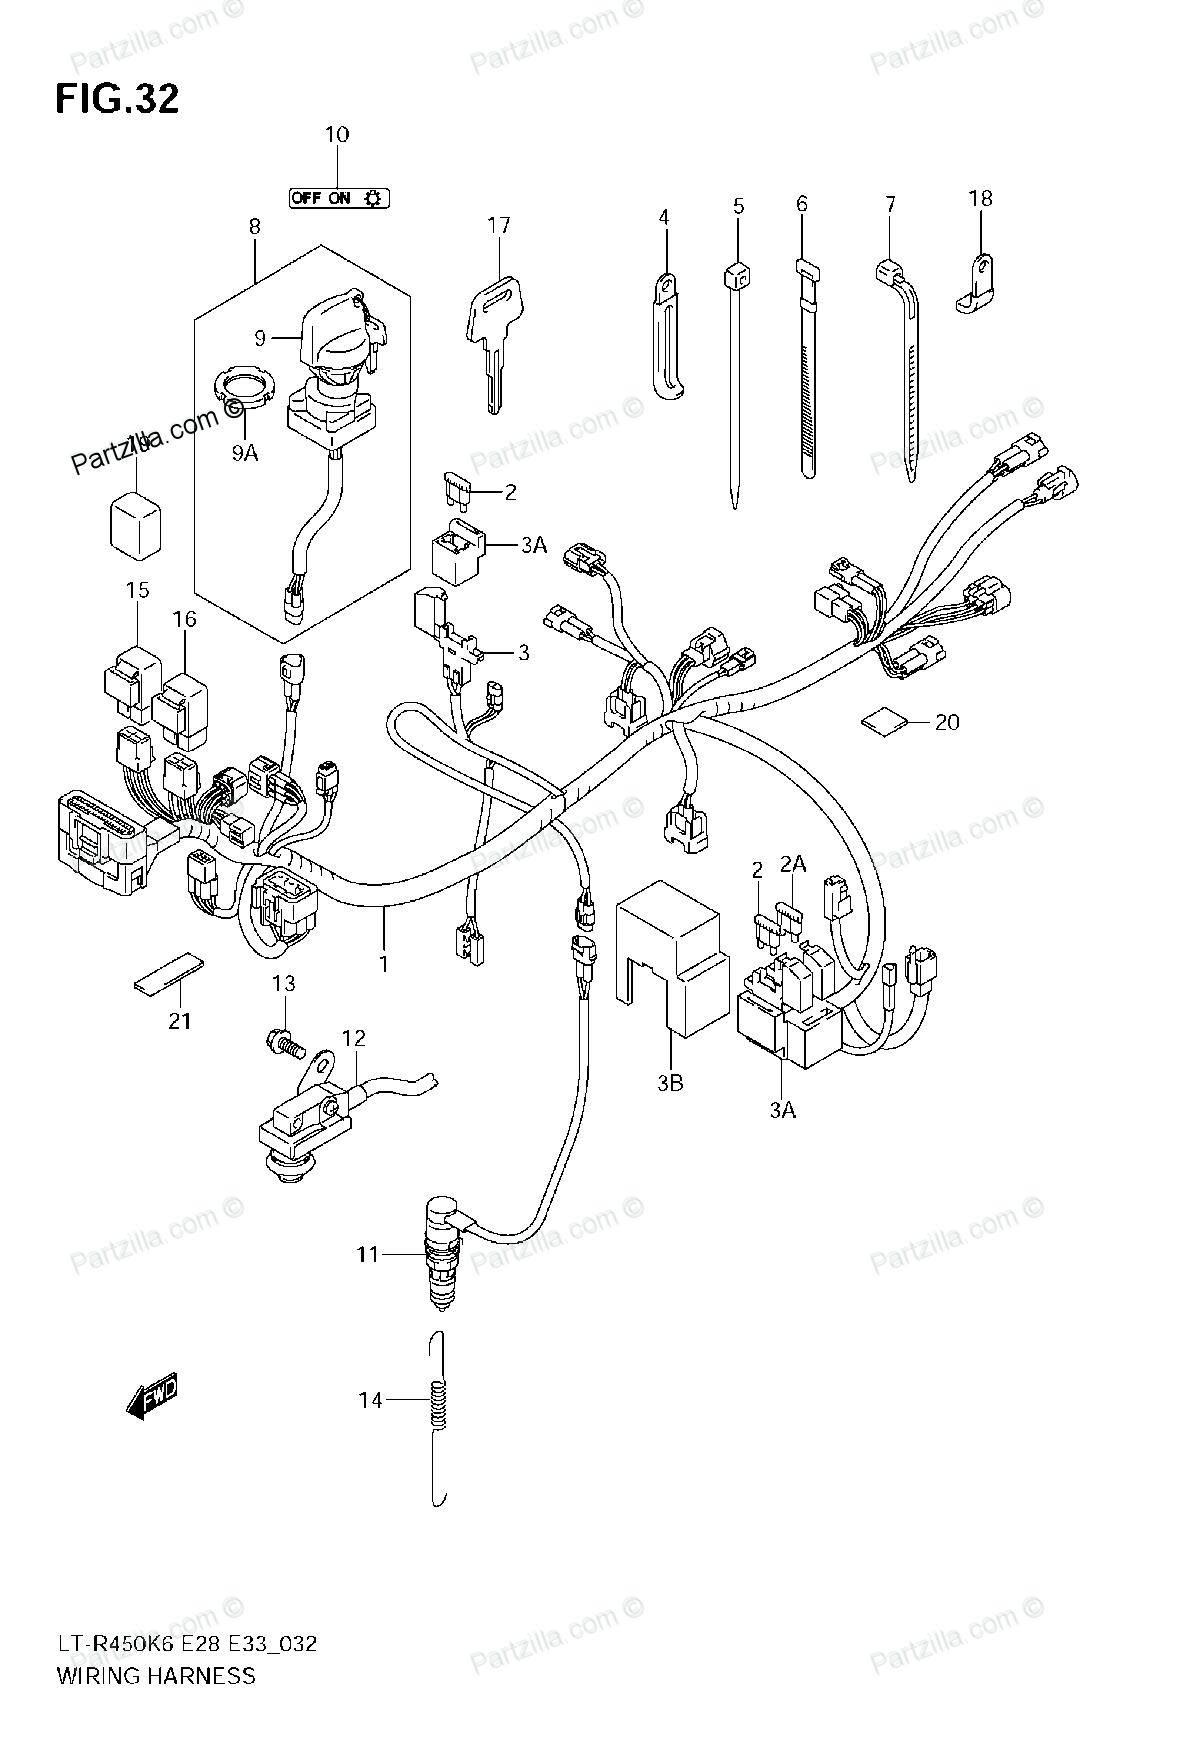 Amusing suzuki eiger 400 wiring diagram ideas best image wire suzuki eiger 400 carburetor diagram image details cheapraybanclubmaster Image collections